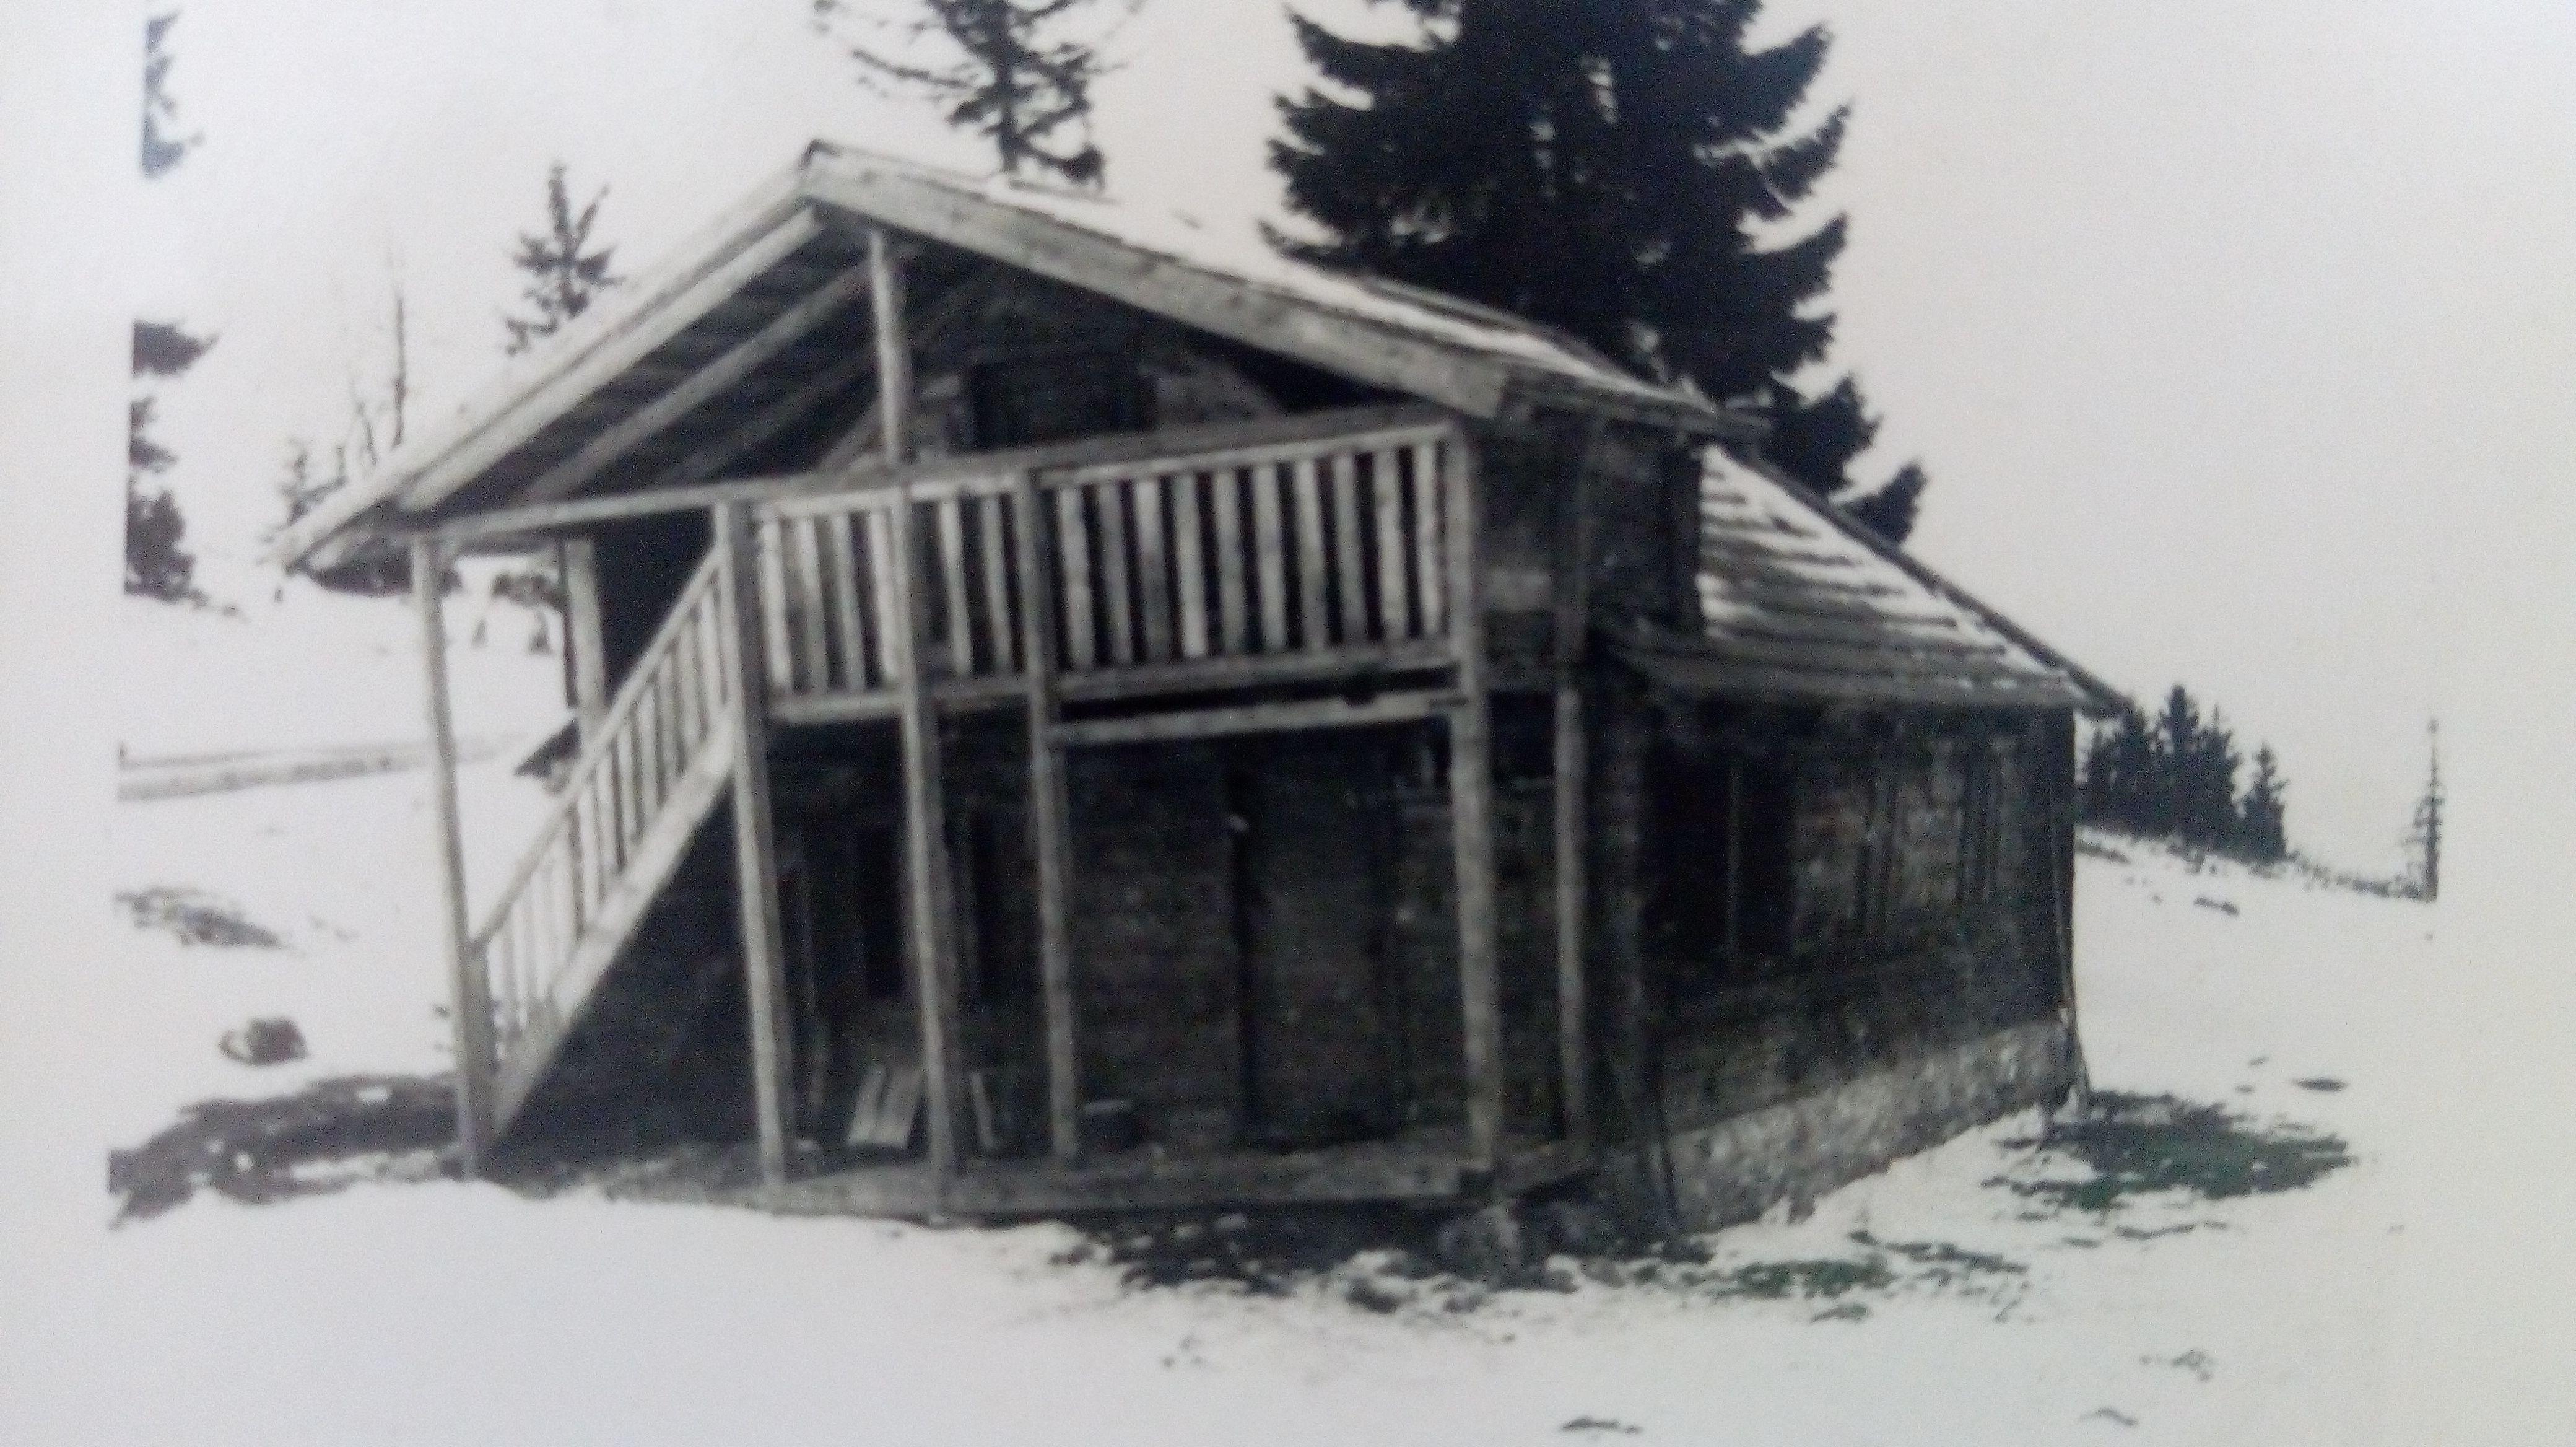 Некадашњи планински дом на Воденој Пољани